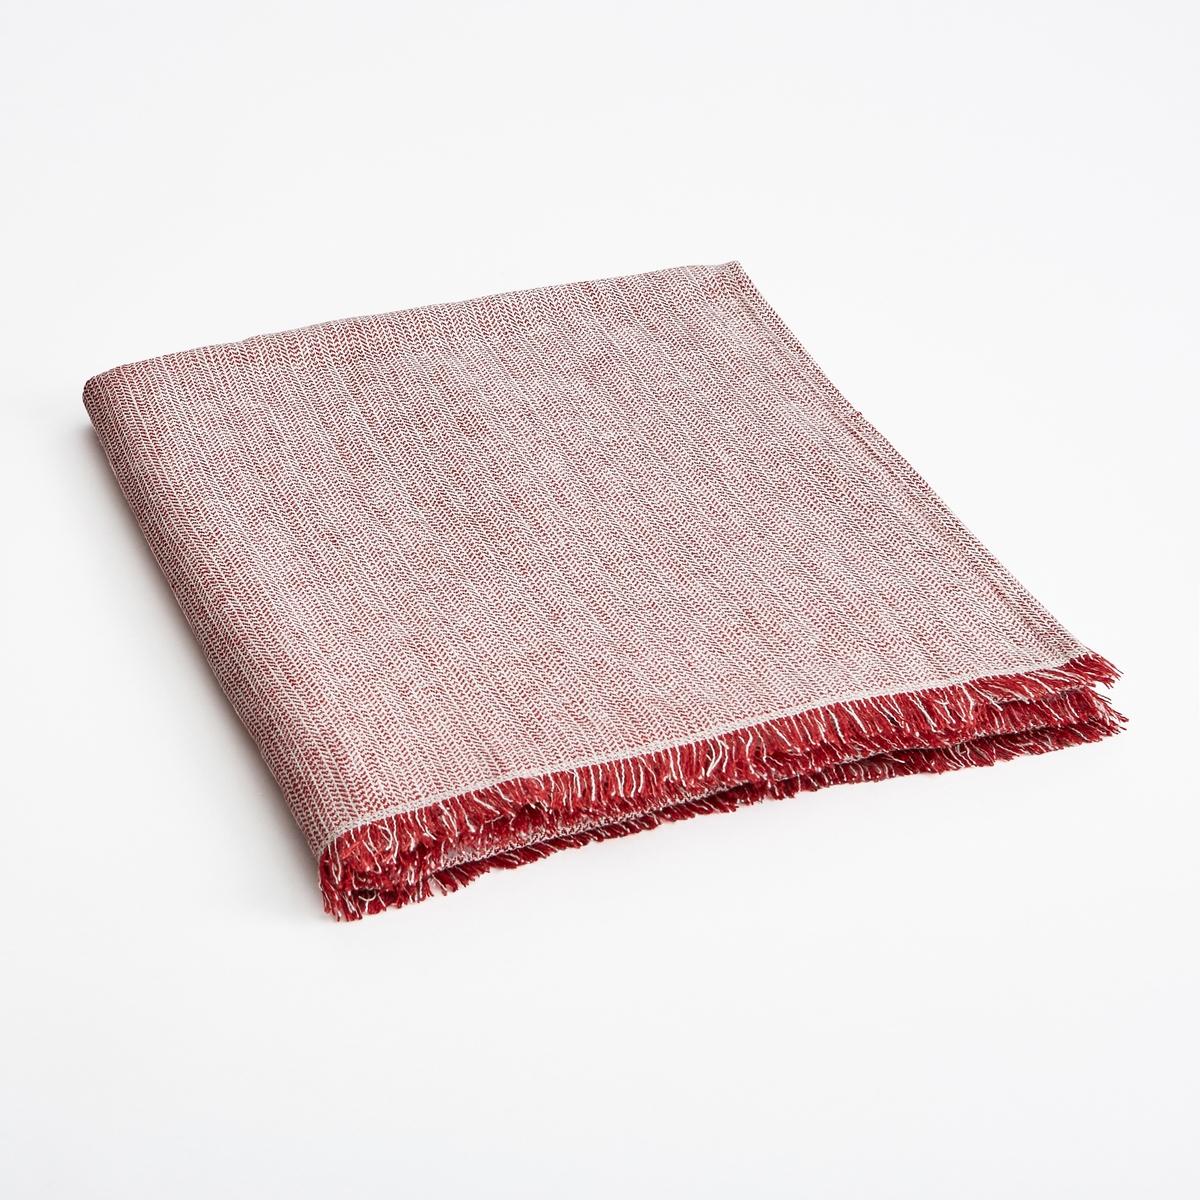 Плед EbintaПлед Ebinta. Из плотного и очень мягкого стиранного льна с зигзагообразным рисунком из окрашенных волокон... Бахрома по бокам. Размеры :  130 х 170 см.<br><br>Цвет: красный